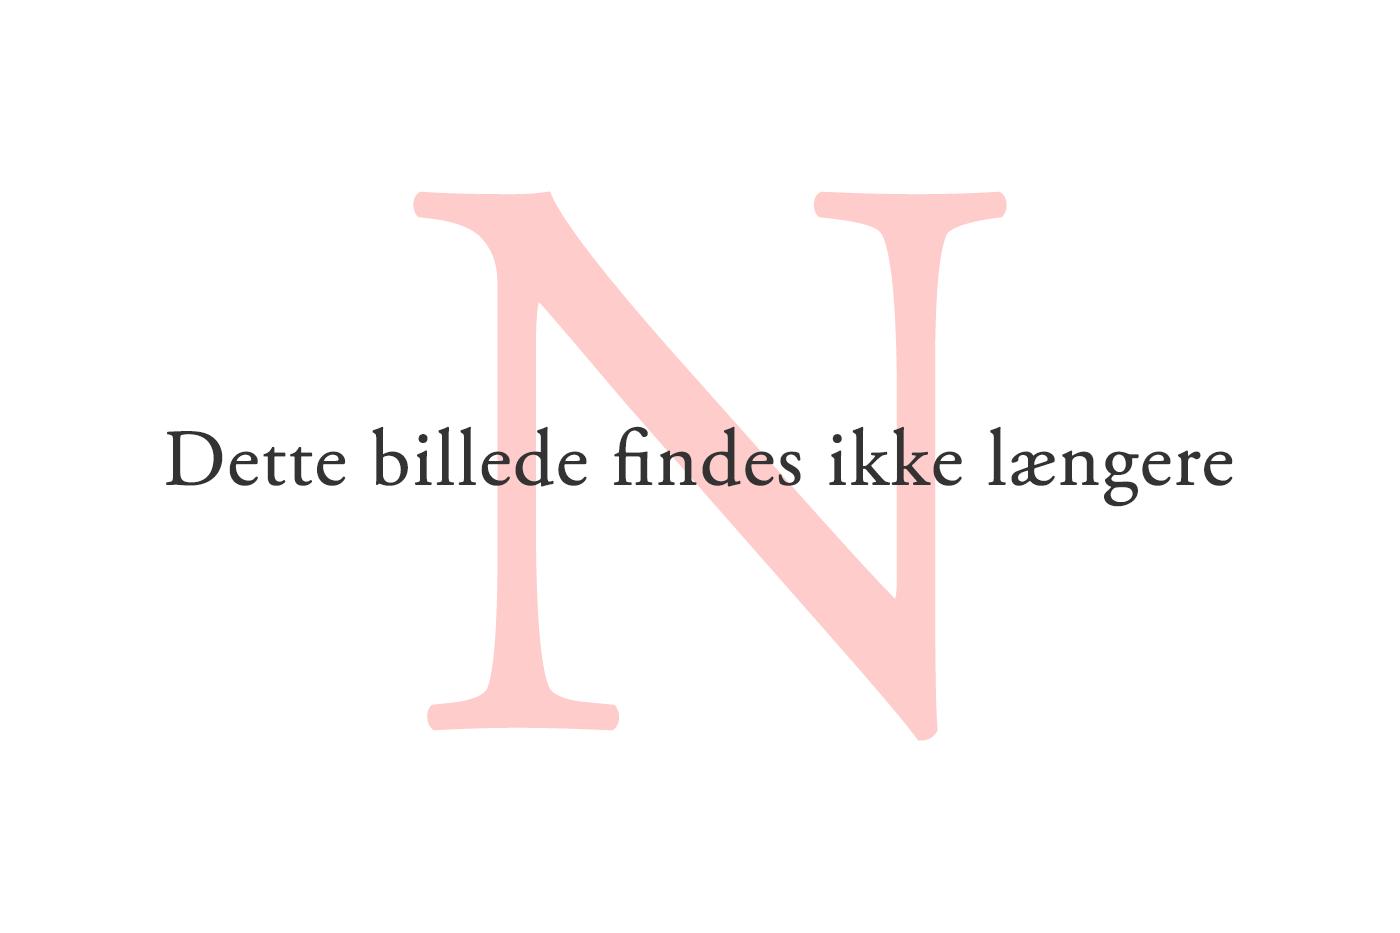 Fortsætter temperaturerne med at stige, kan vi se frem til at få Flamingoer i Danmark Foto: Pixabay